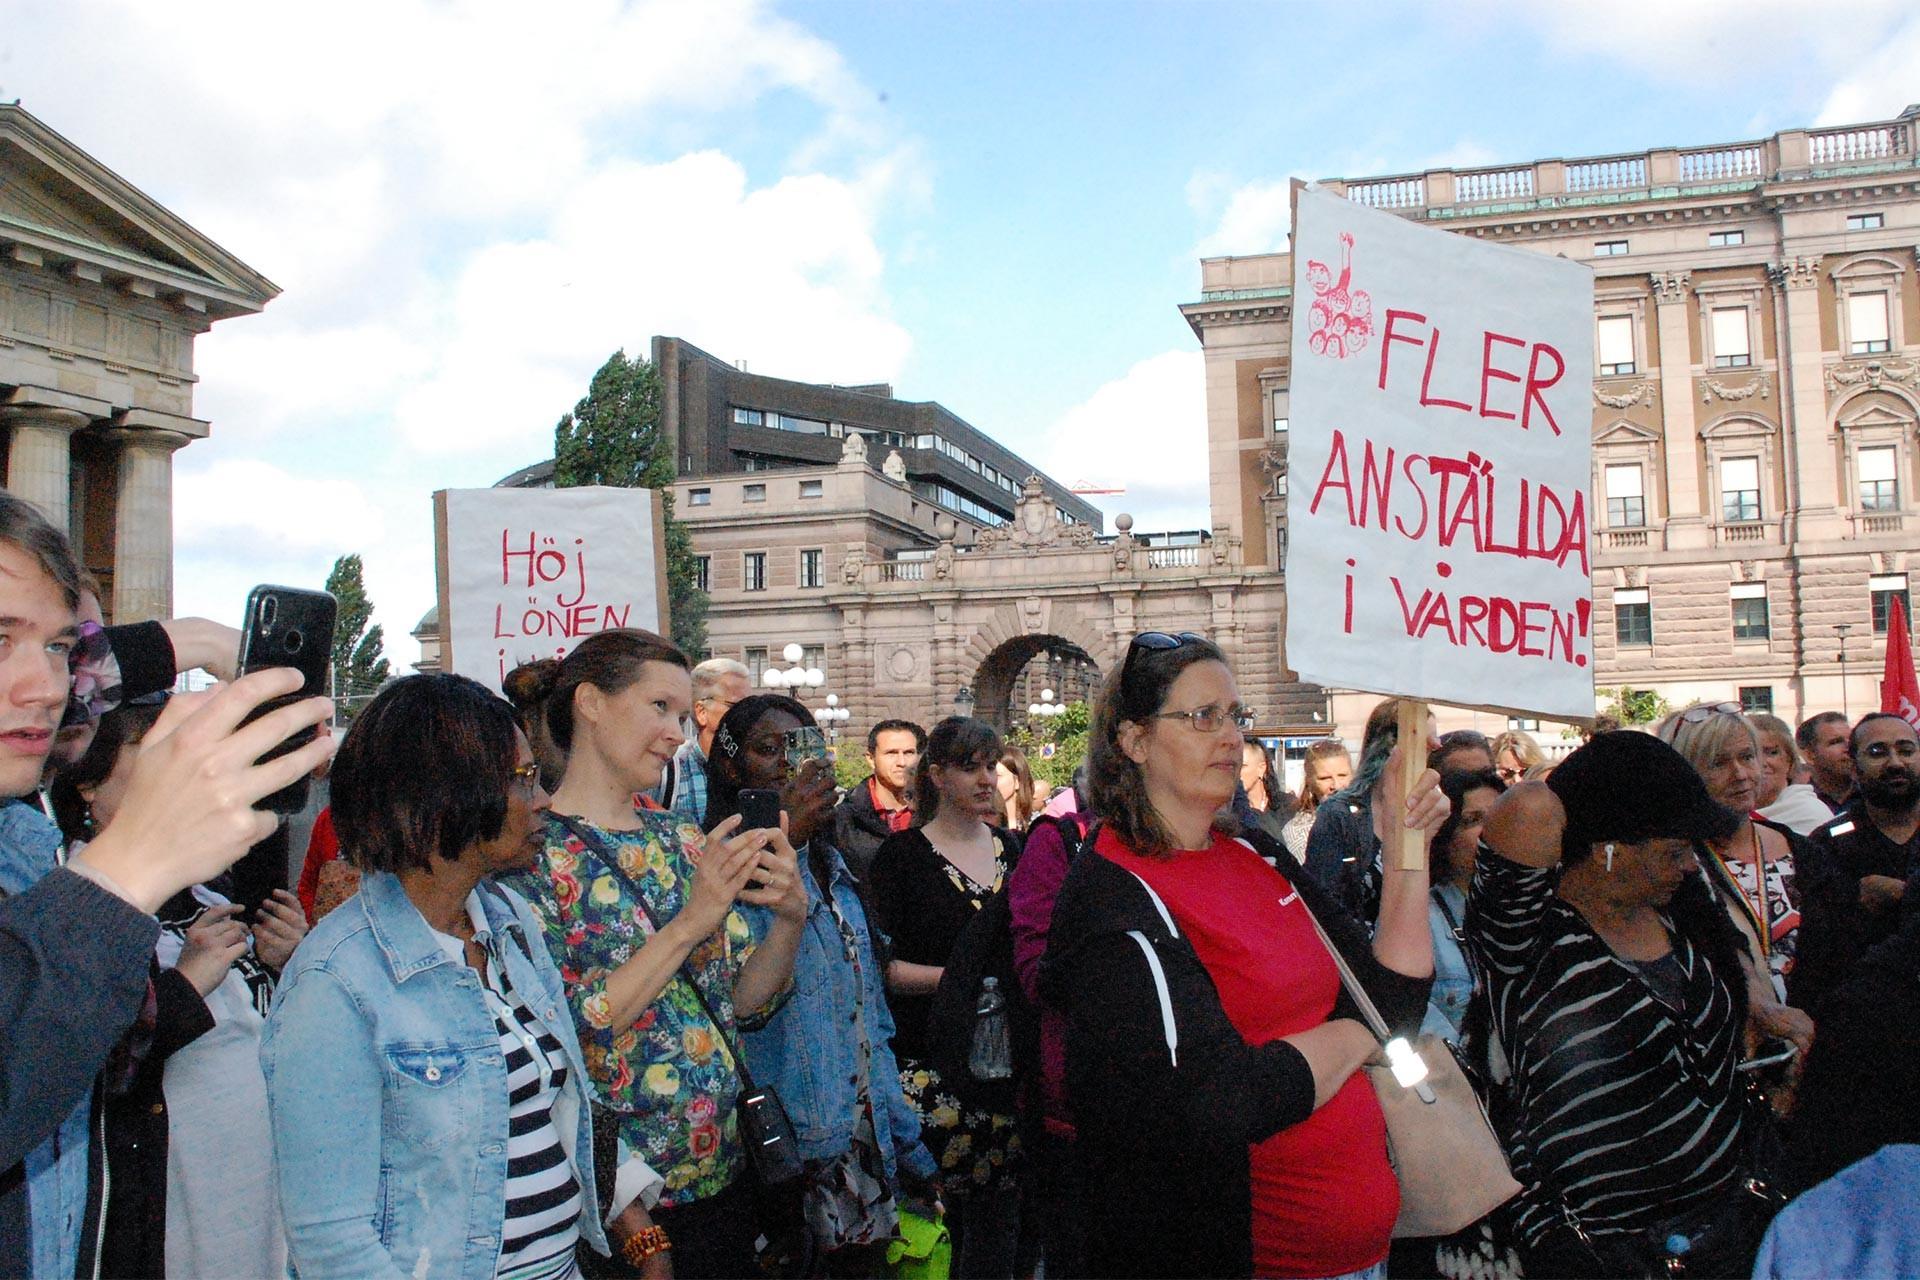 İsveç'te hasta bakıcıların 'bütçe kesintisi' isyanı: 6 kentte eylemler yapıldı